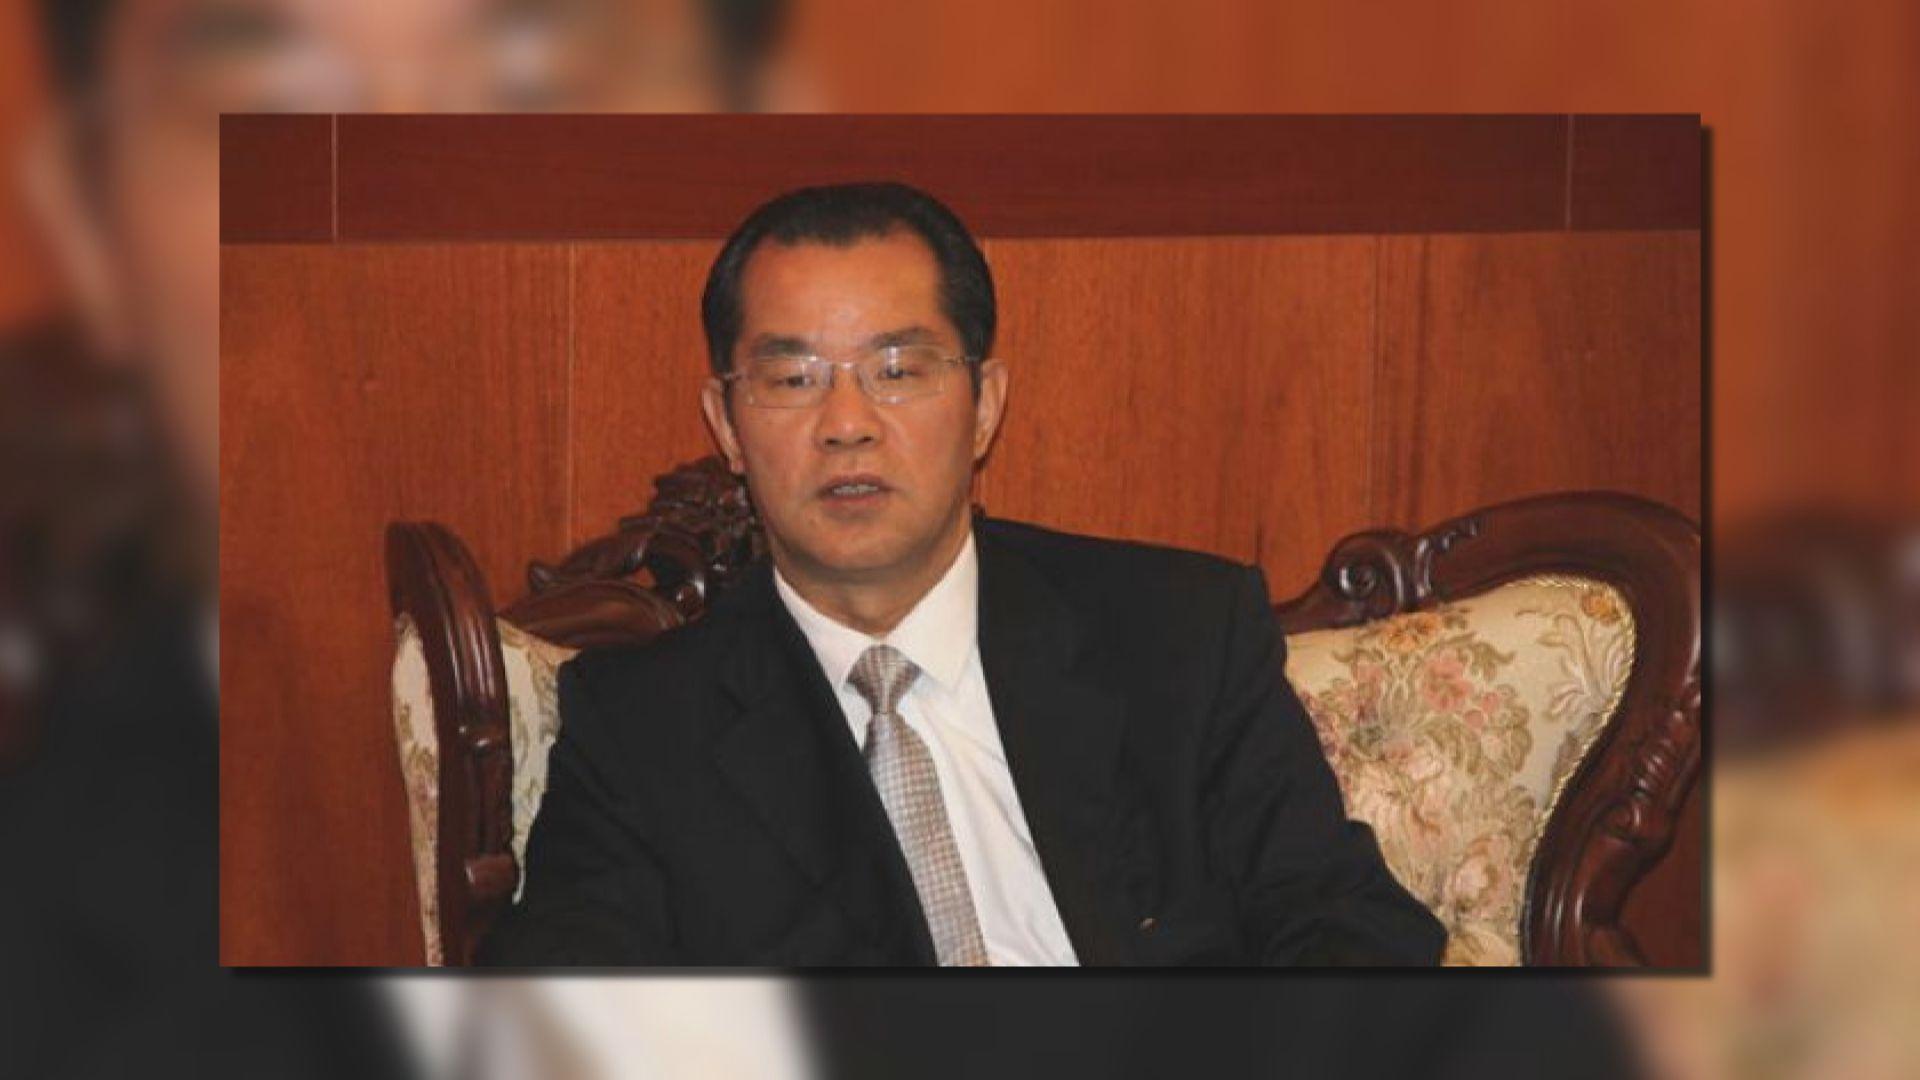 瑞典外相稱不會驅逐中國駐瑞典大使桂從友